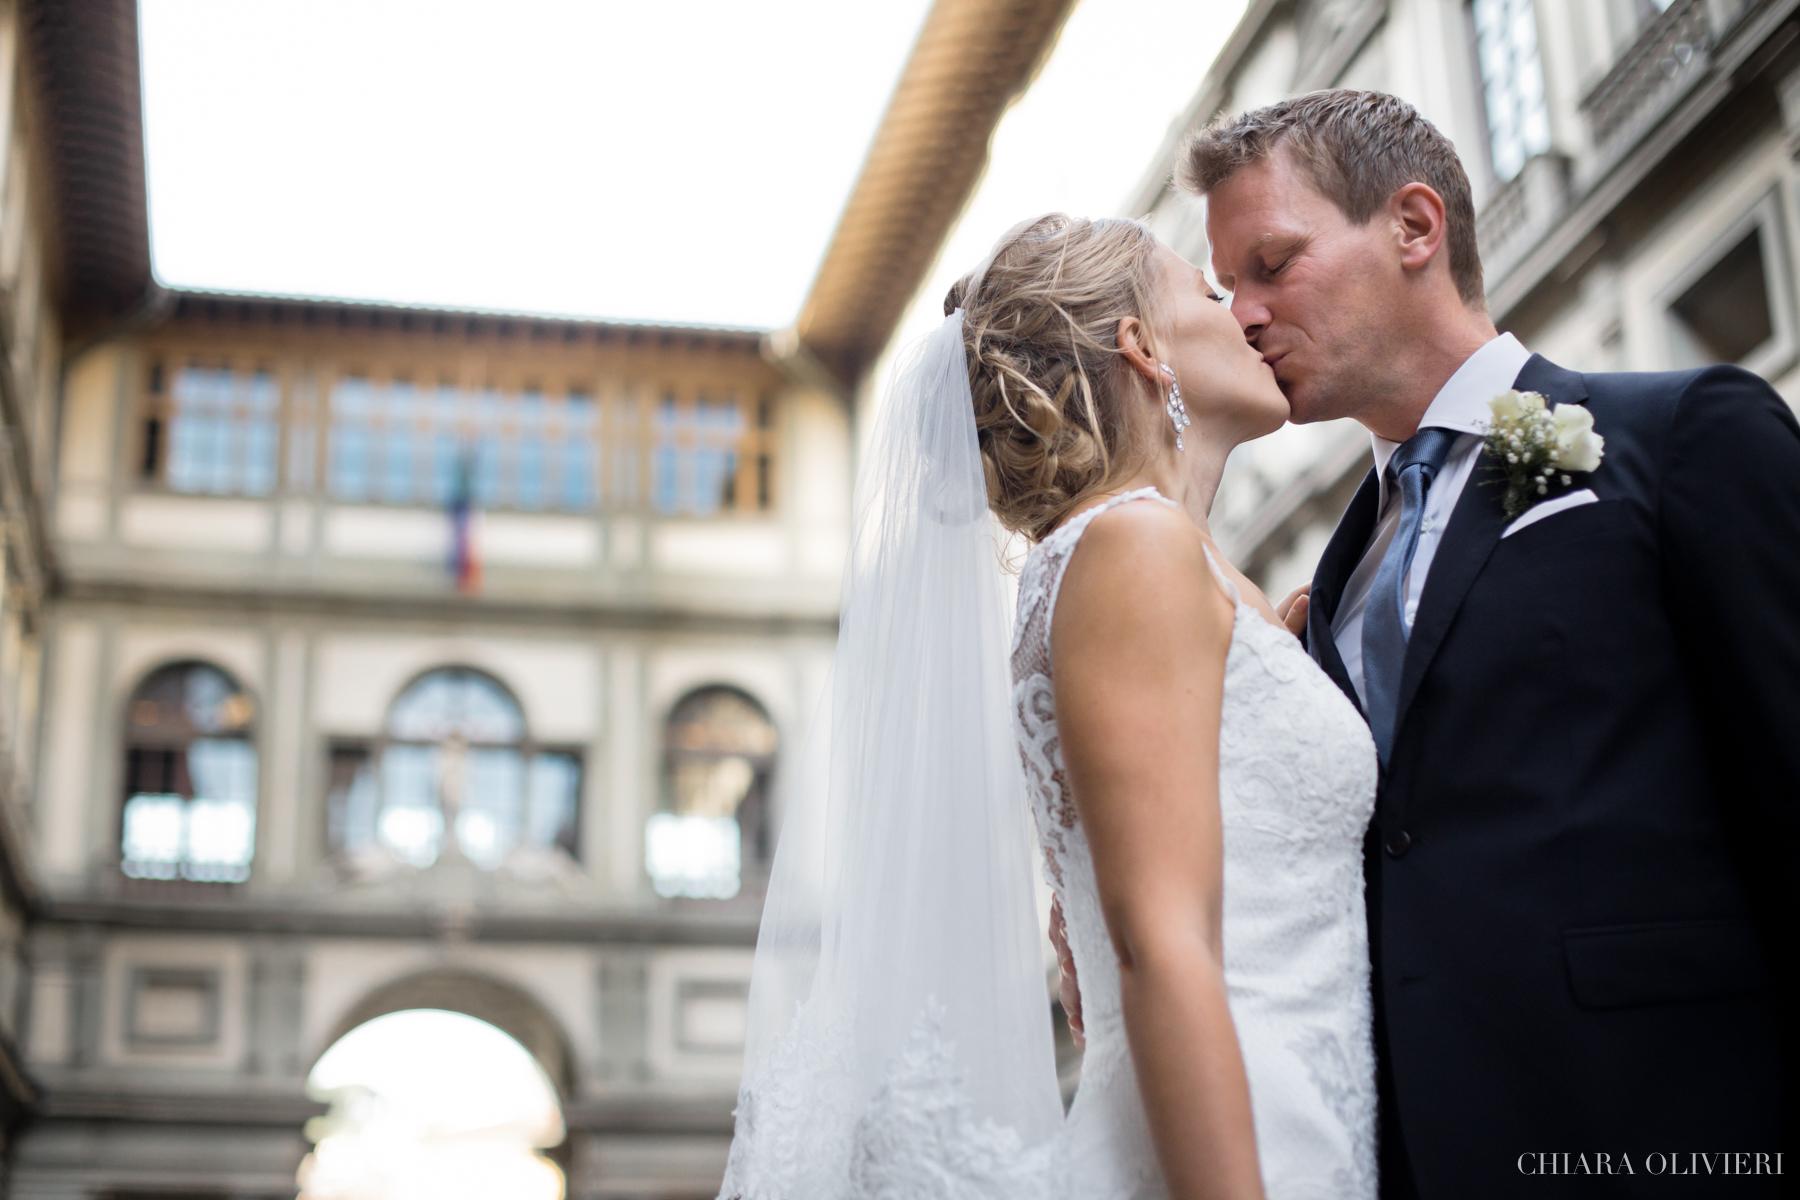 matrimonio-toscana-torredeilari-firenze-53